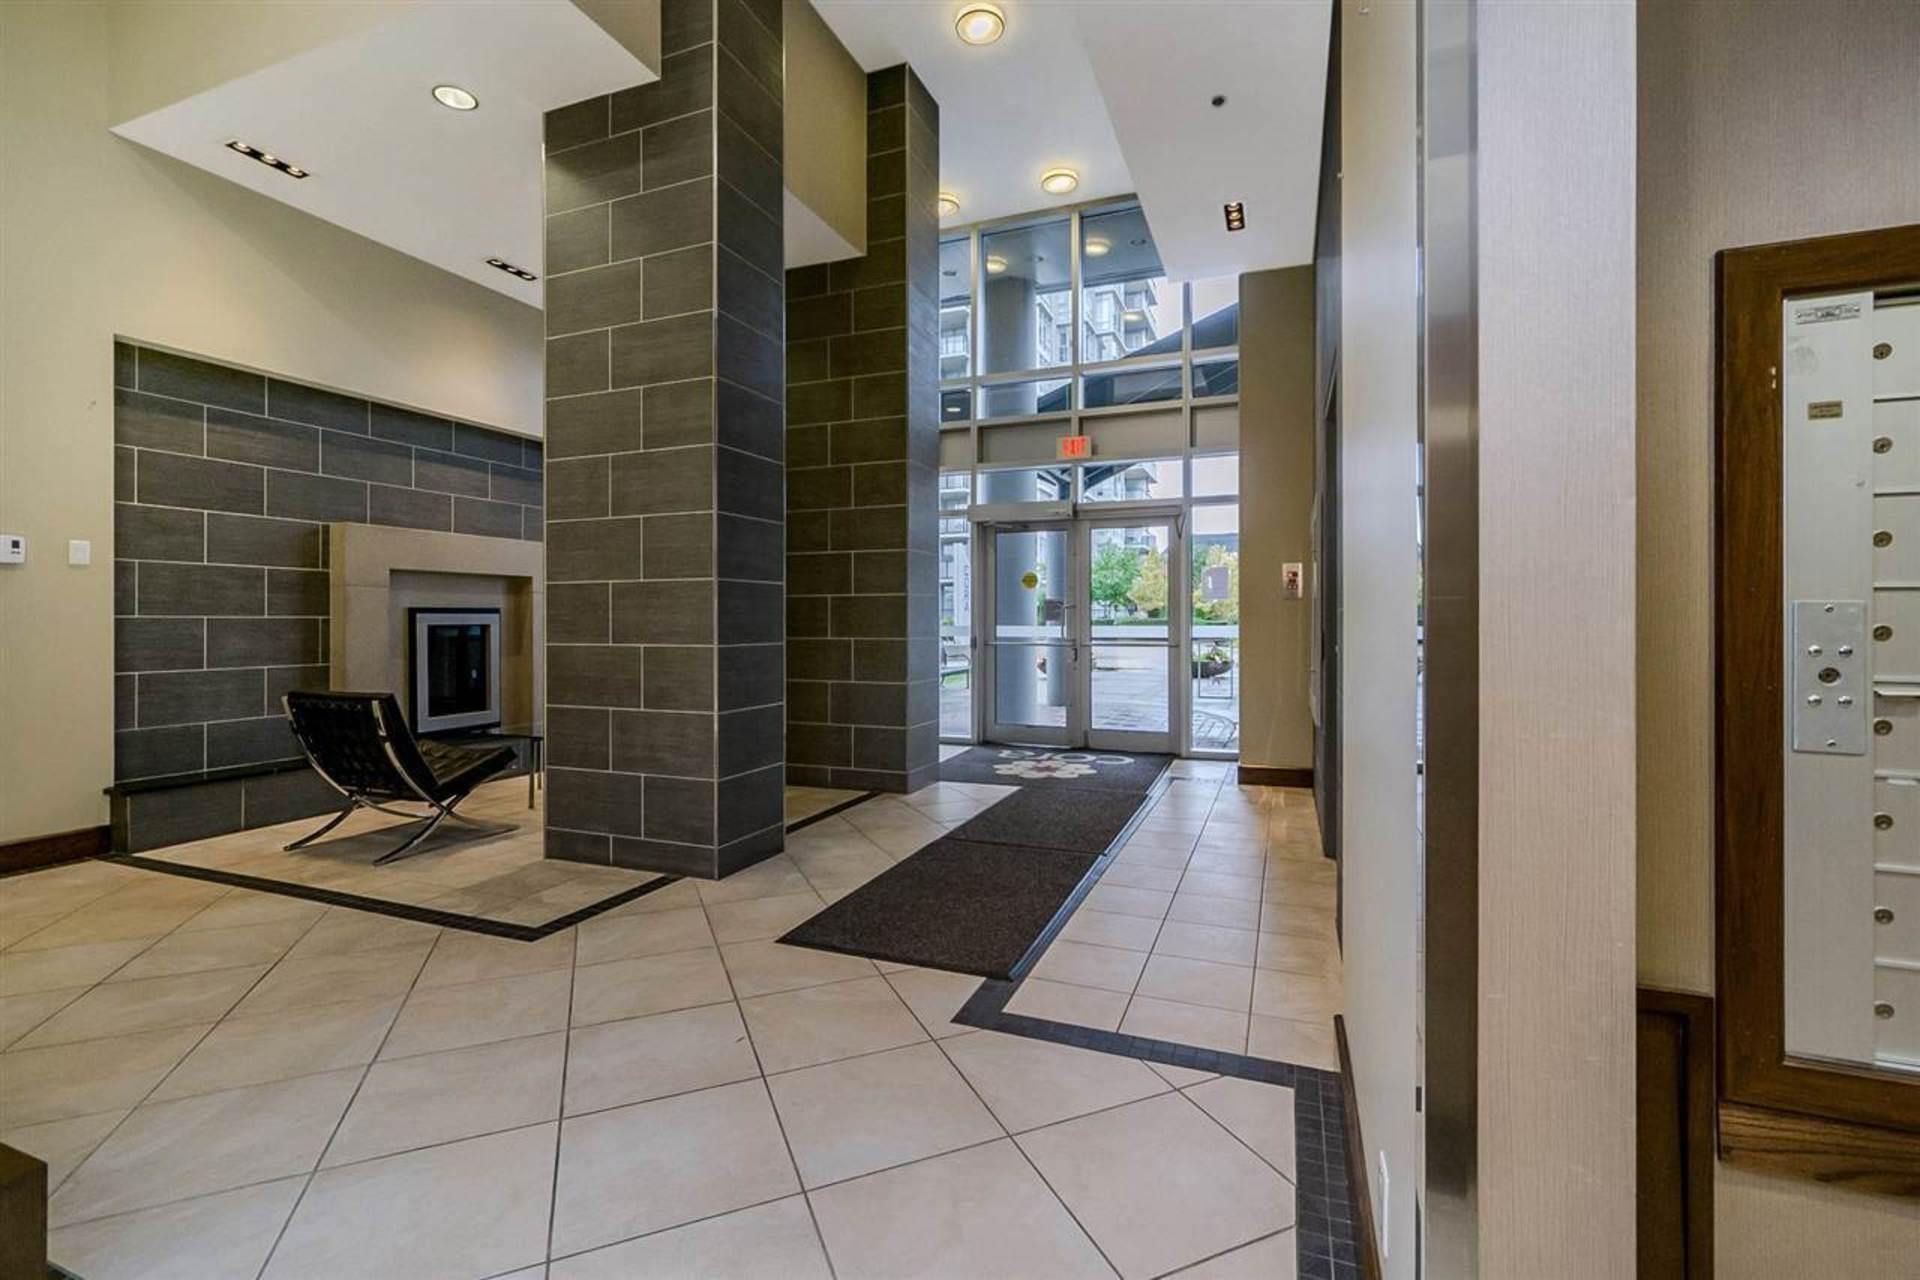 555-delestre-avenue-coquitlam-west-coquitlam-03 at 1005 - 555 Delestre Avenue, Coquitlam West, Coquitlam